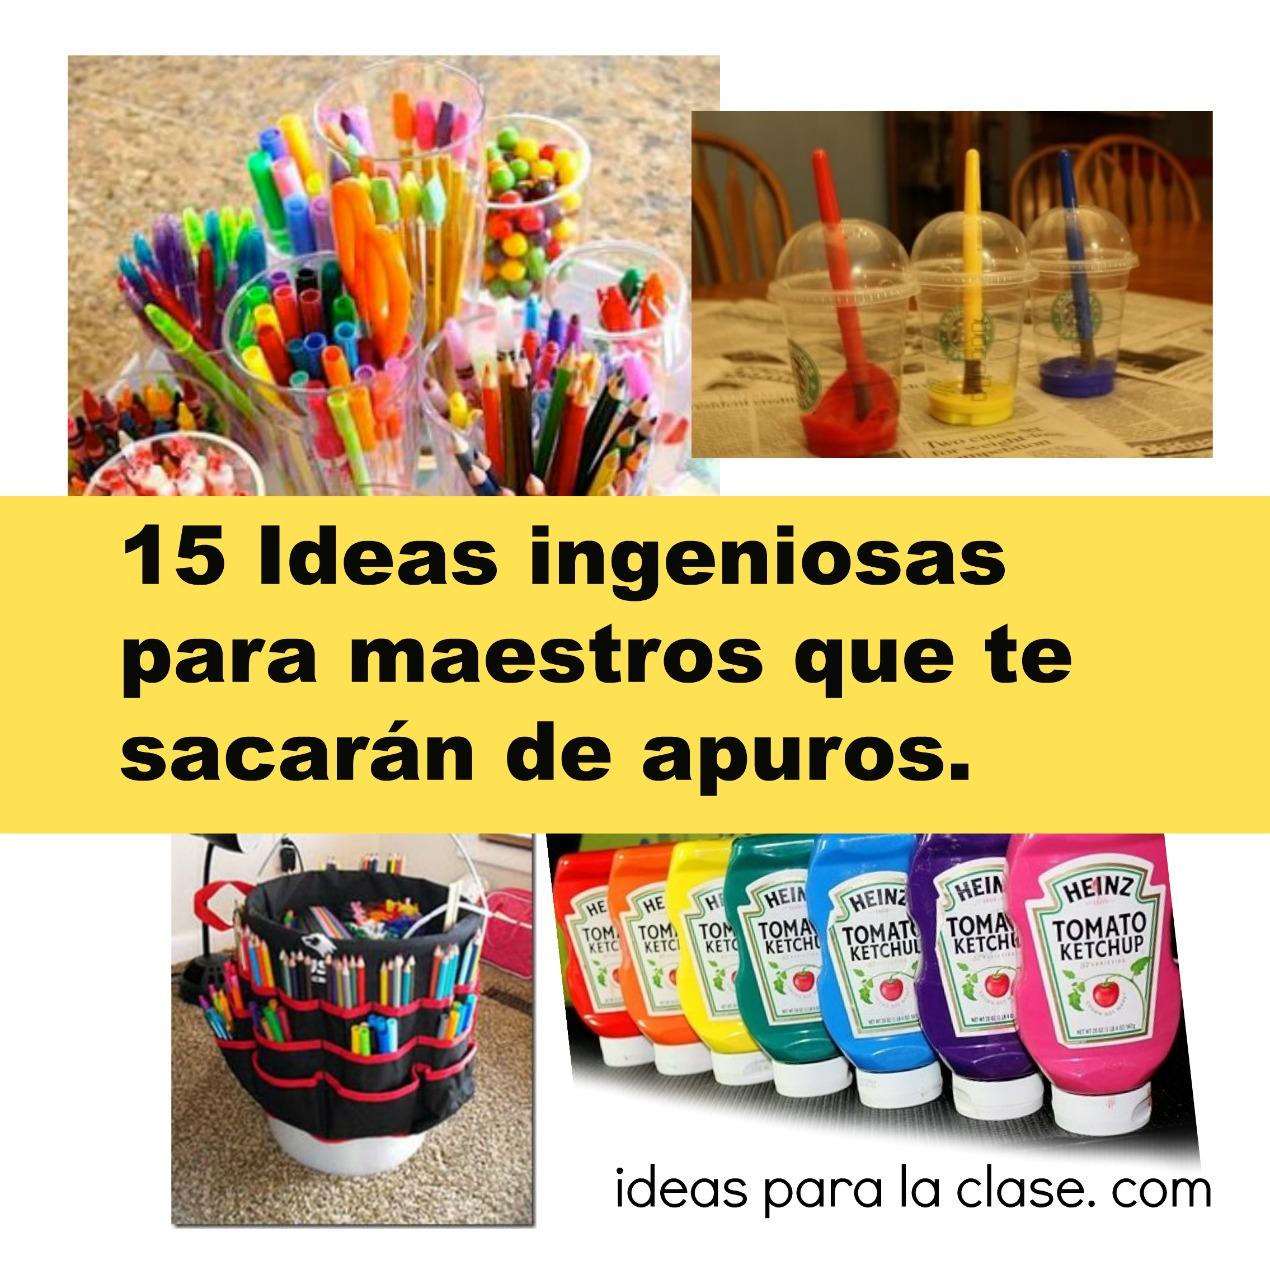 15 ideas ingeniosas para maestros   u2013 ideas para la clase